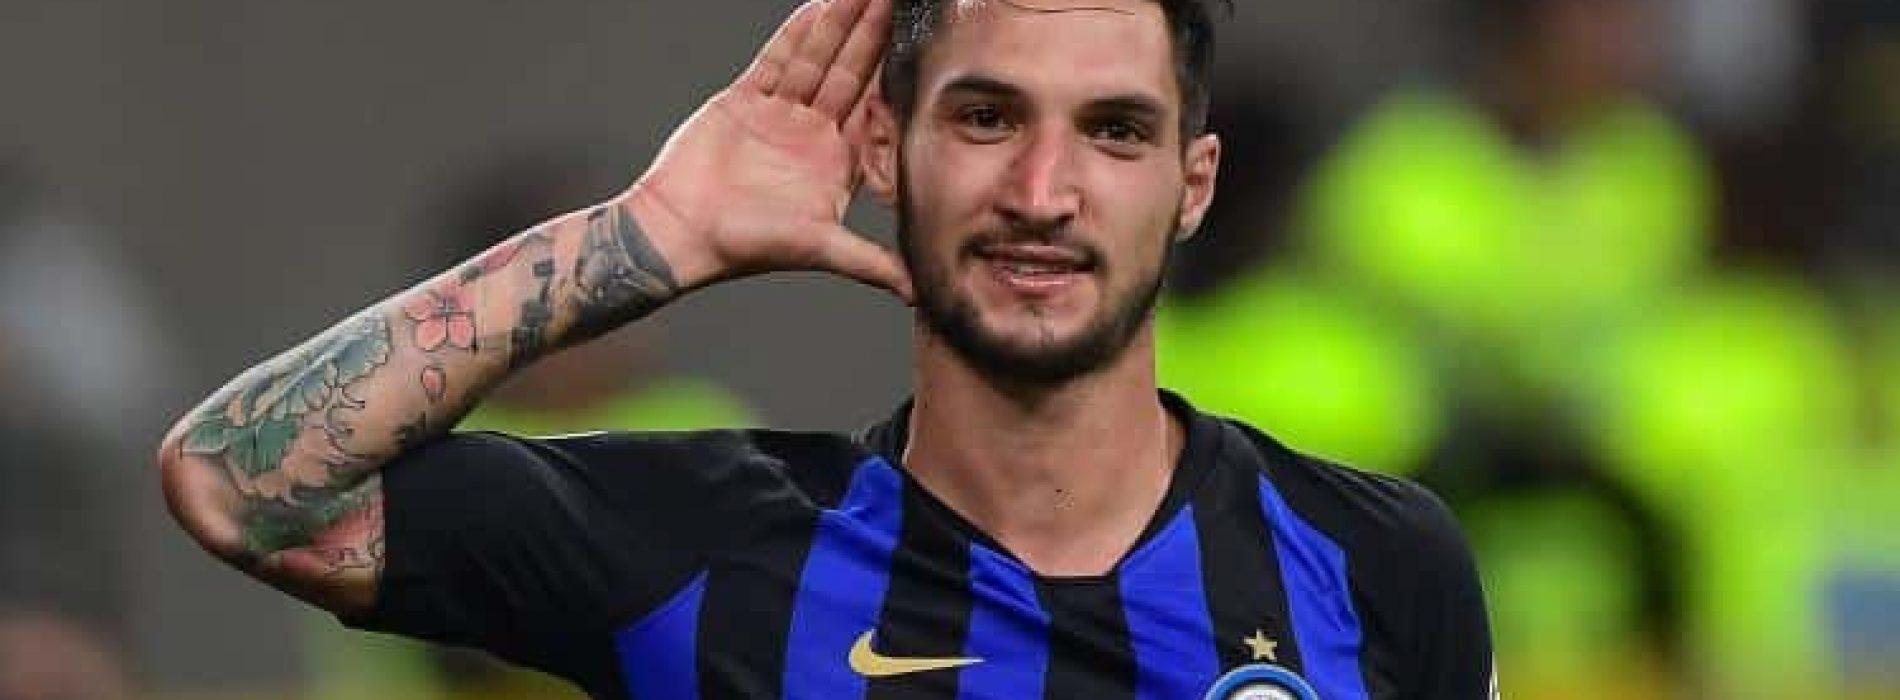 Scambio Politano Spinazzola, Inter e Roma ci pensano. La situazione